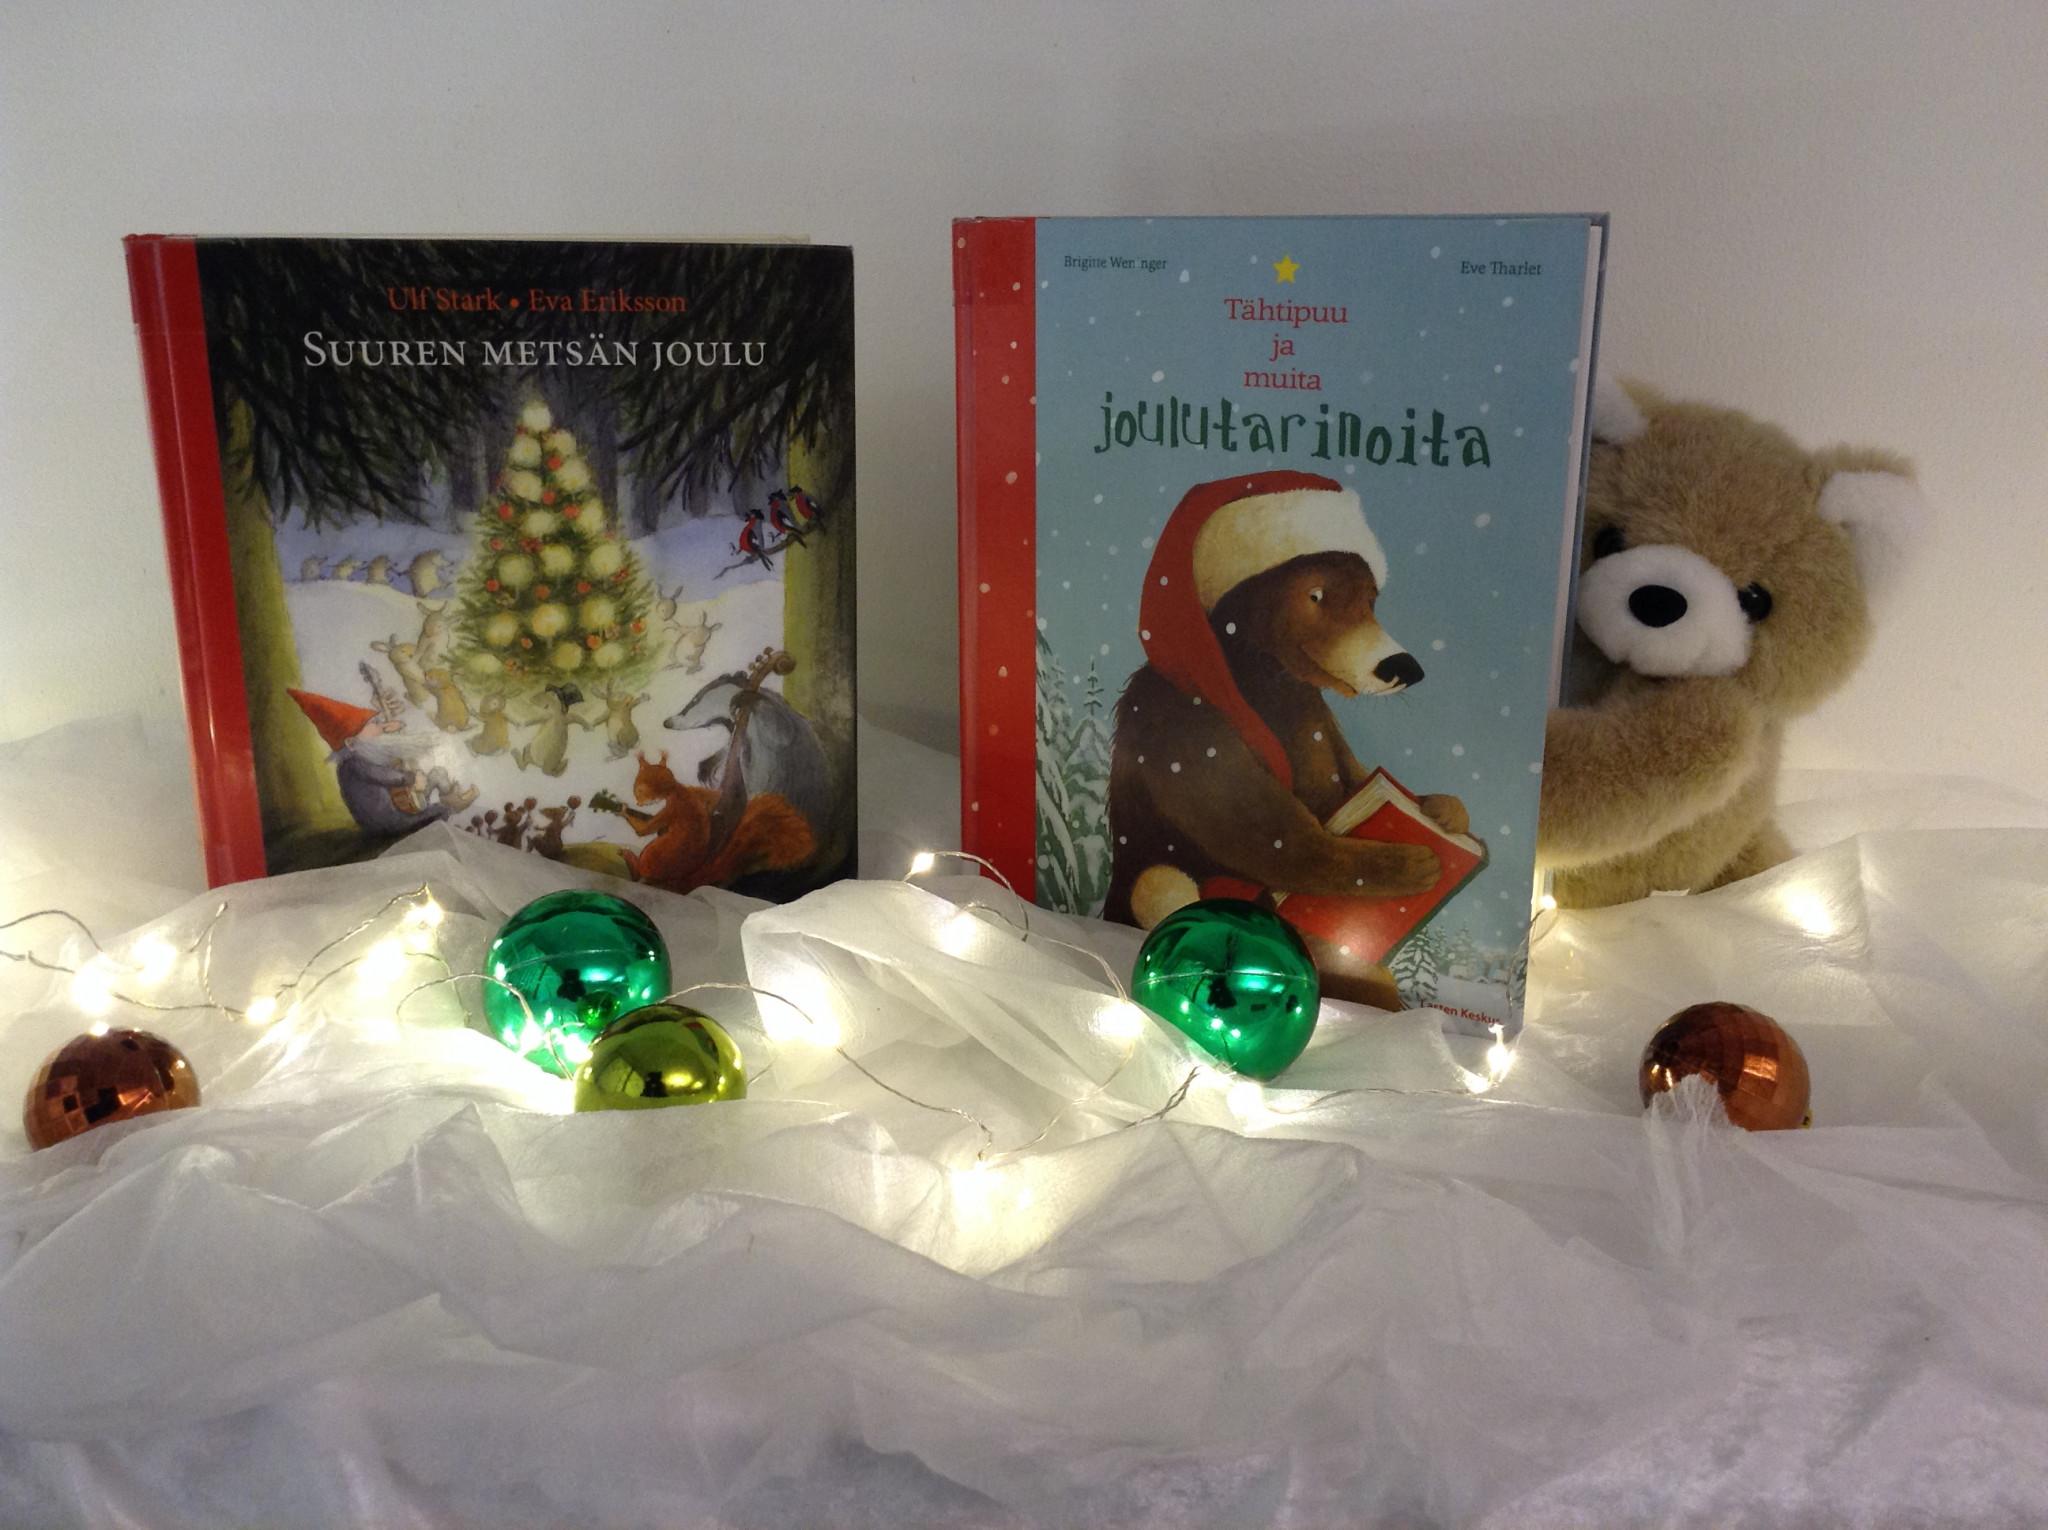 Jouluinen sommitelma, jossa kaksi lasten joulukirjaa nojaa seinään valkoisen, lunta muistuttavan harsokankaan päällä. Toisen takaa kurkkaa nalle. Kirjojen edessä on joulupalloja ja jouluvalosarja.